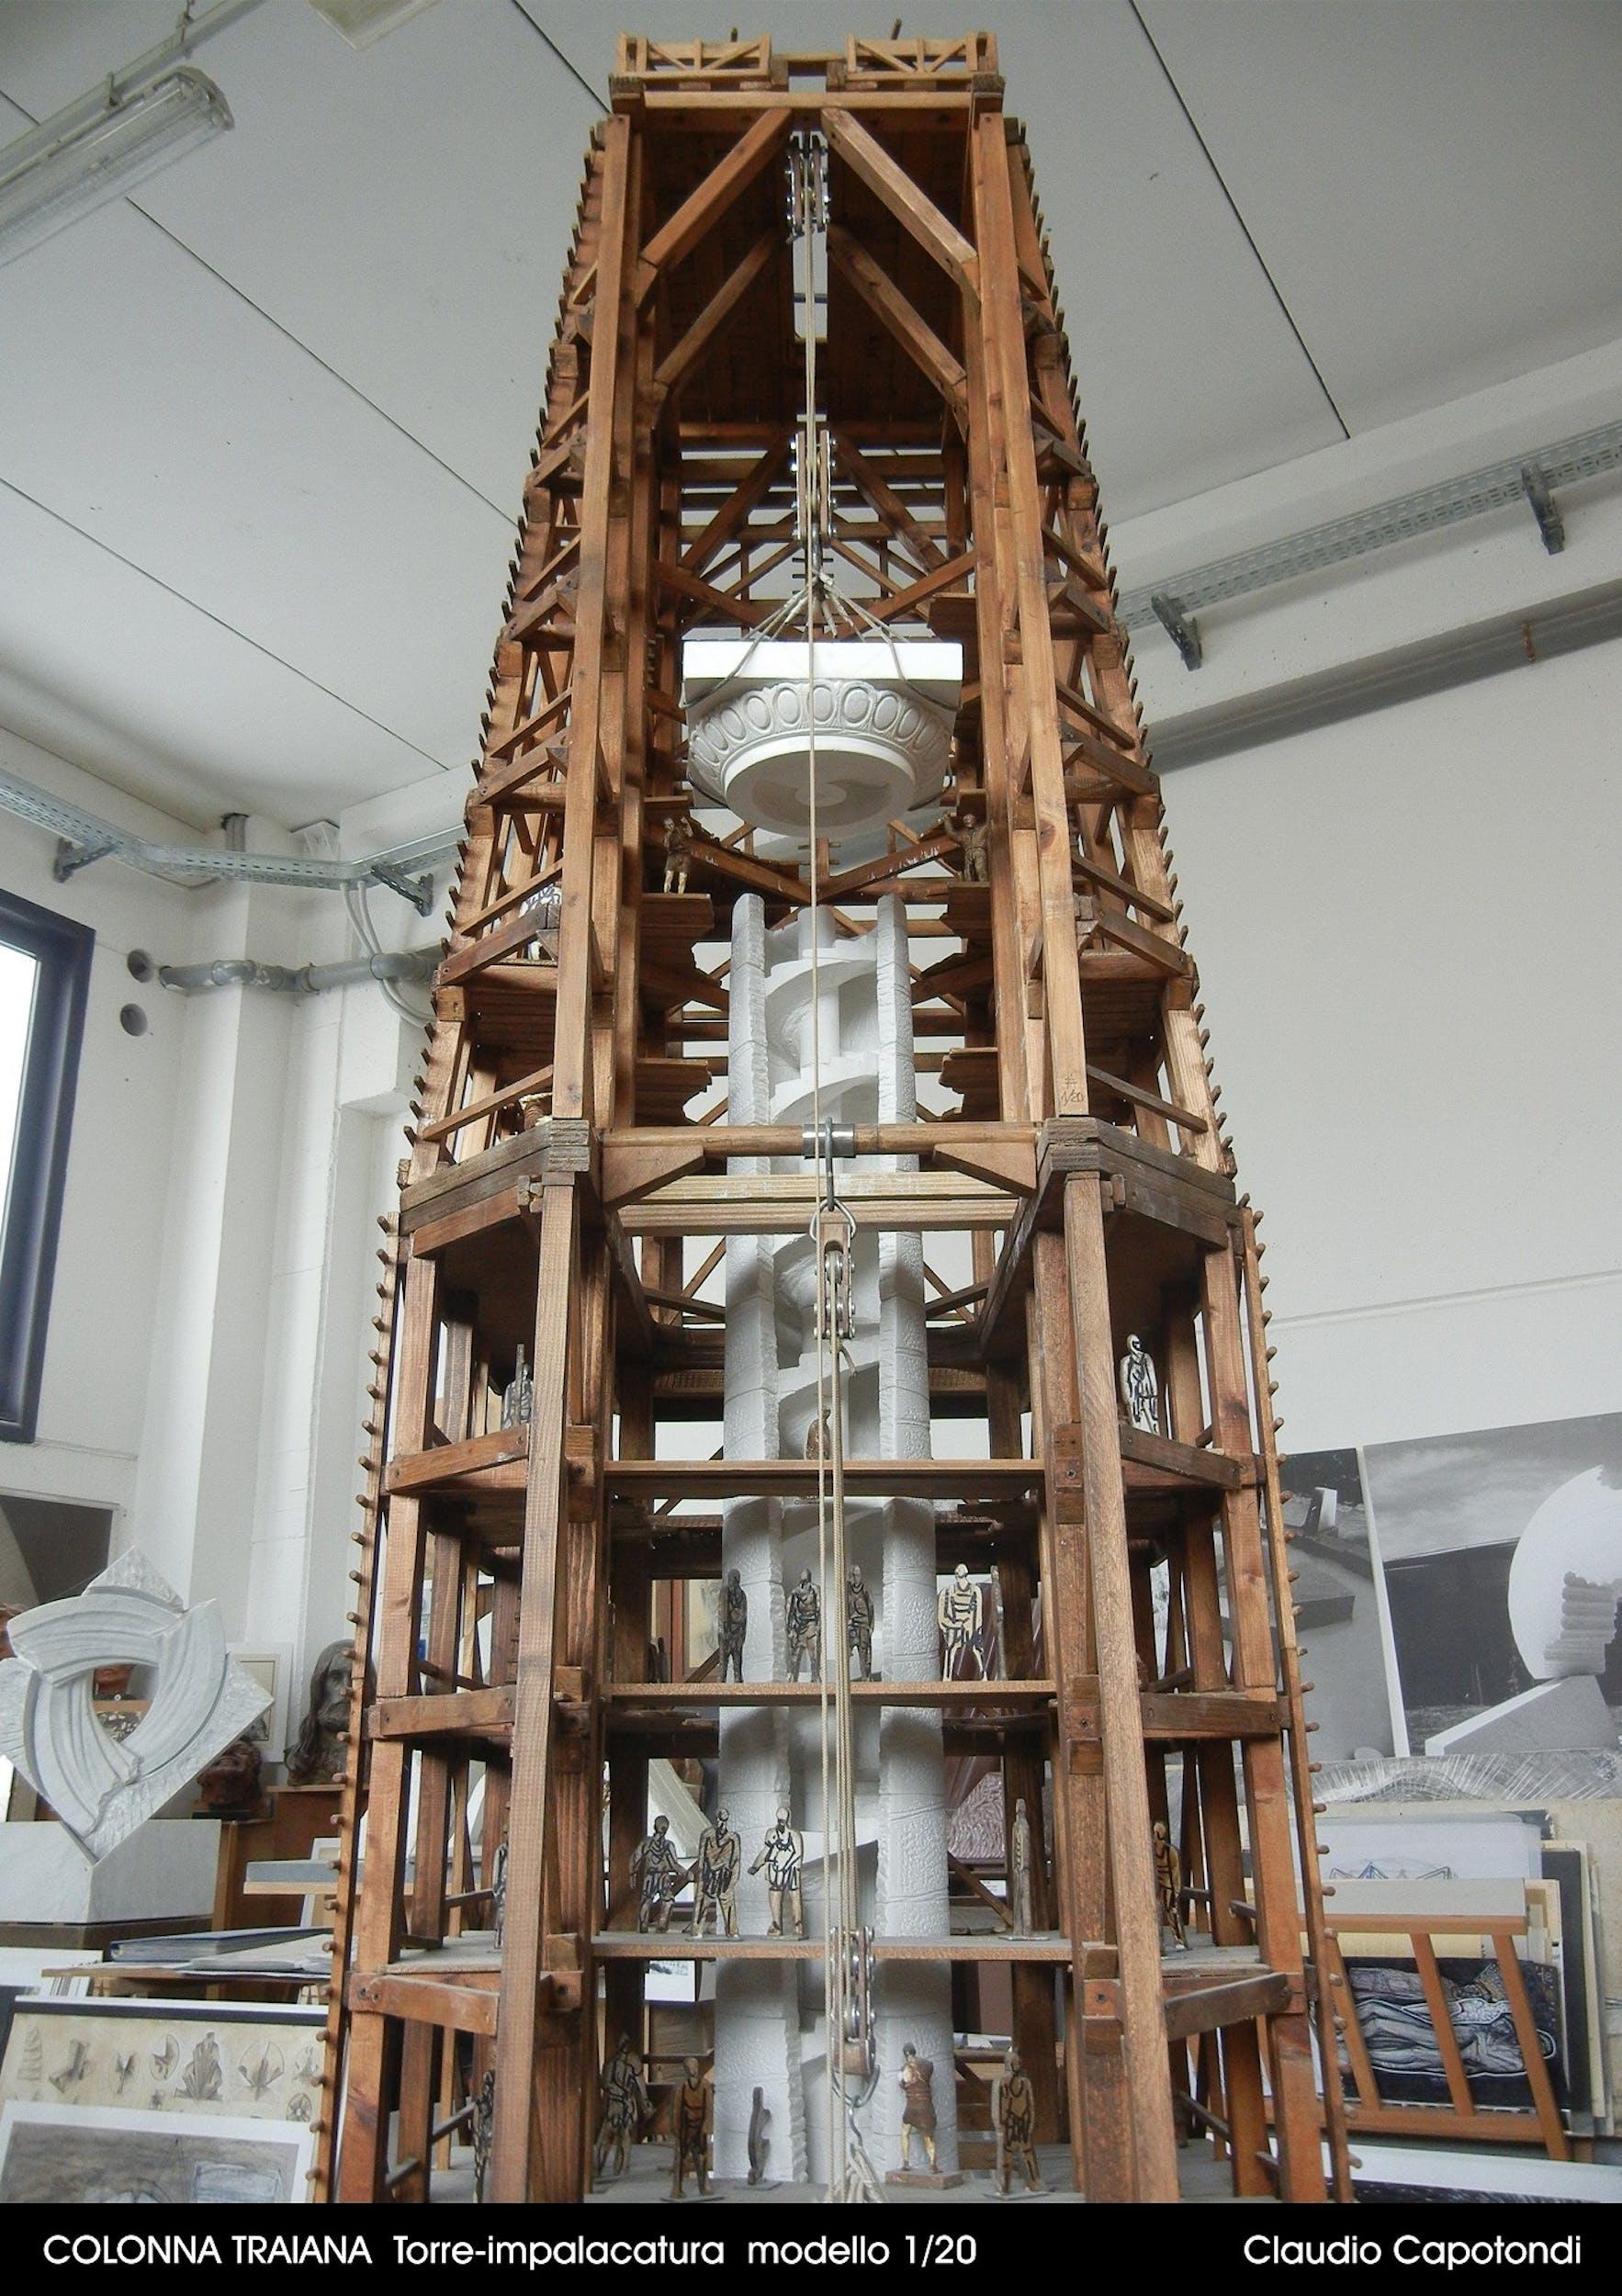 Fig. 15 Claudio Capotondi Torre impalcatura Modello in scala 1:20 | Fig. 15 Claudio Capotondi Scaffolding Tower Model in 1:20 scale